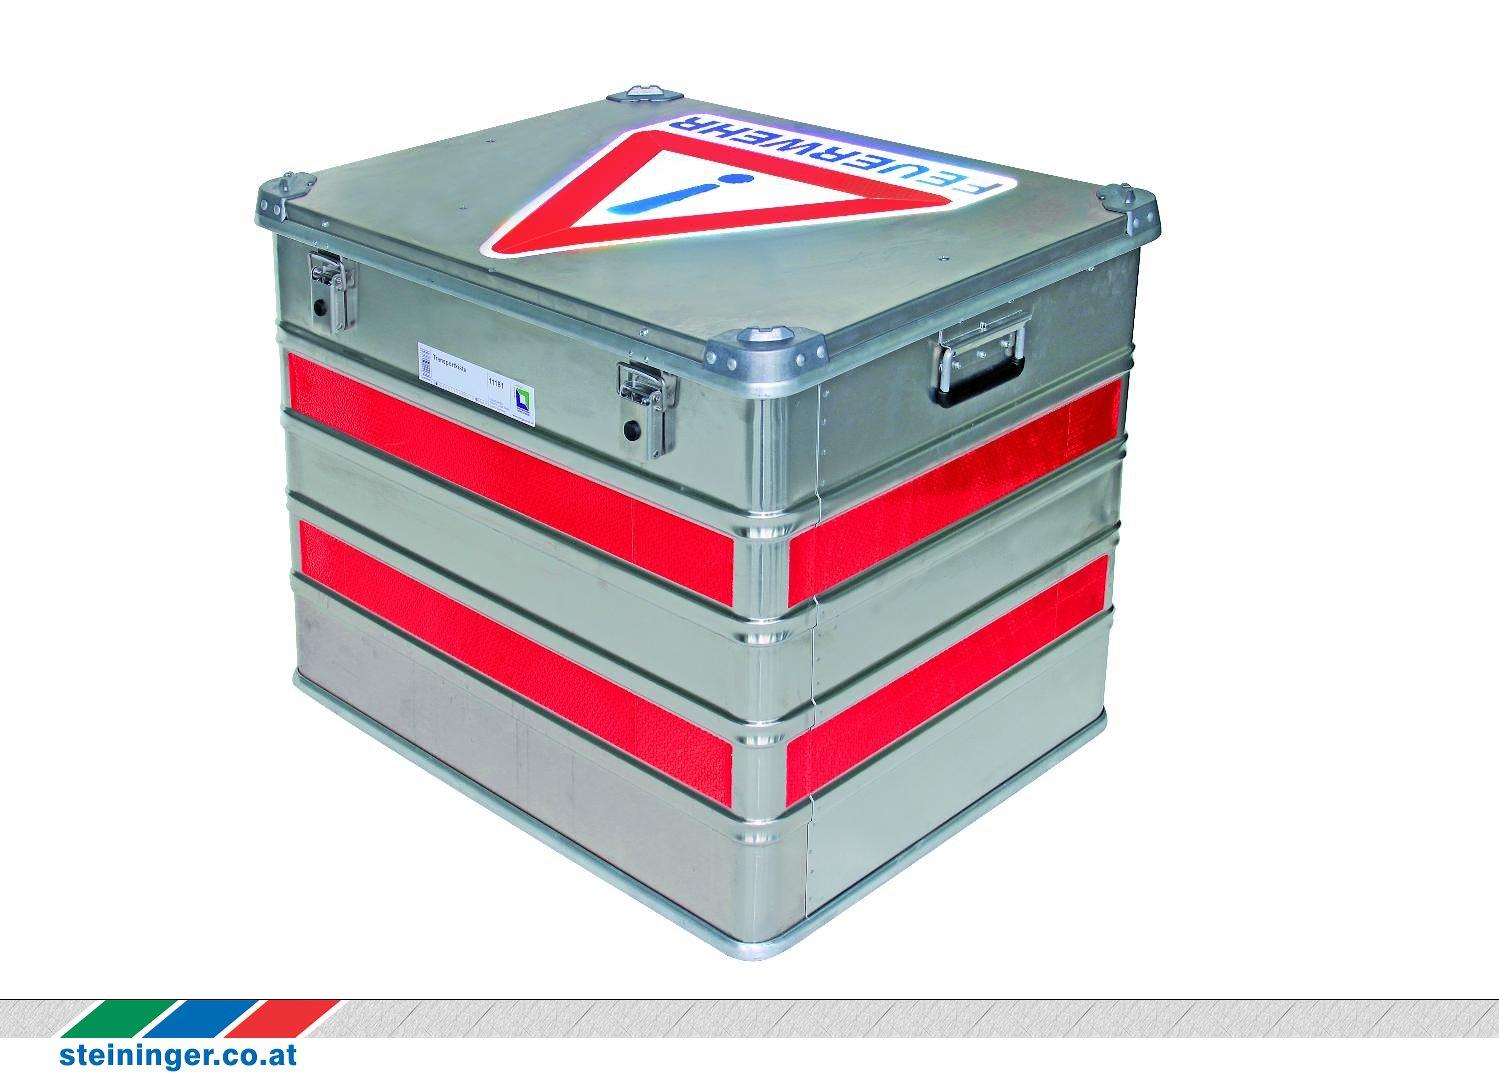 Rollcontainer Rot feuerwehrtechnik steininger markierungs set transportkasten groß